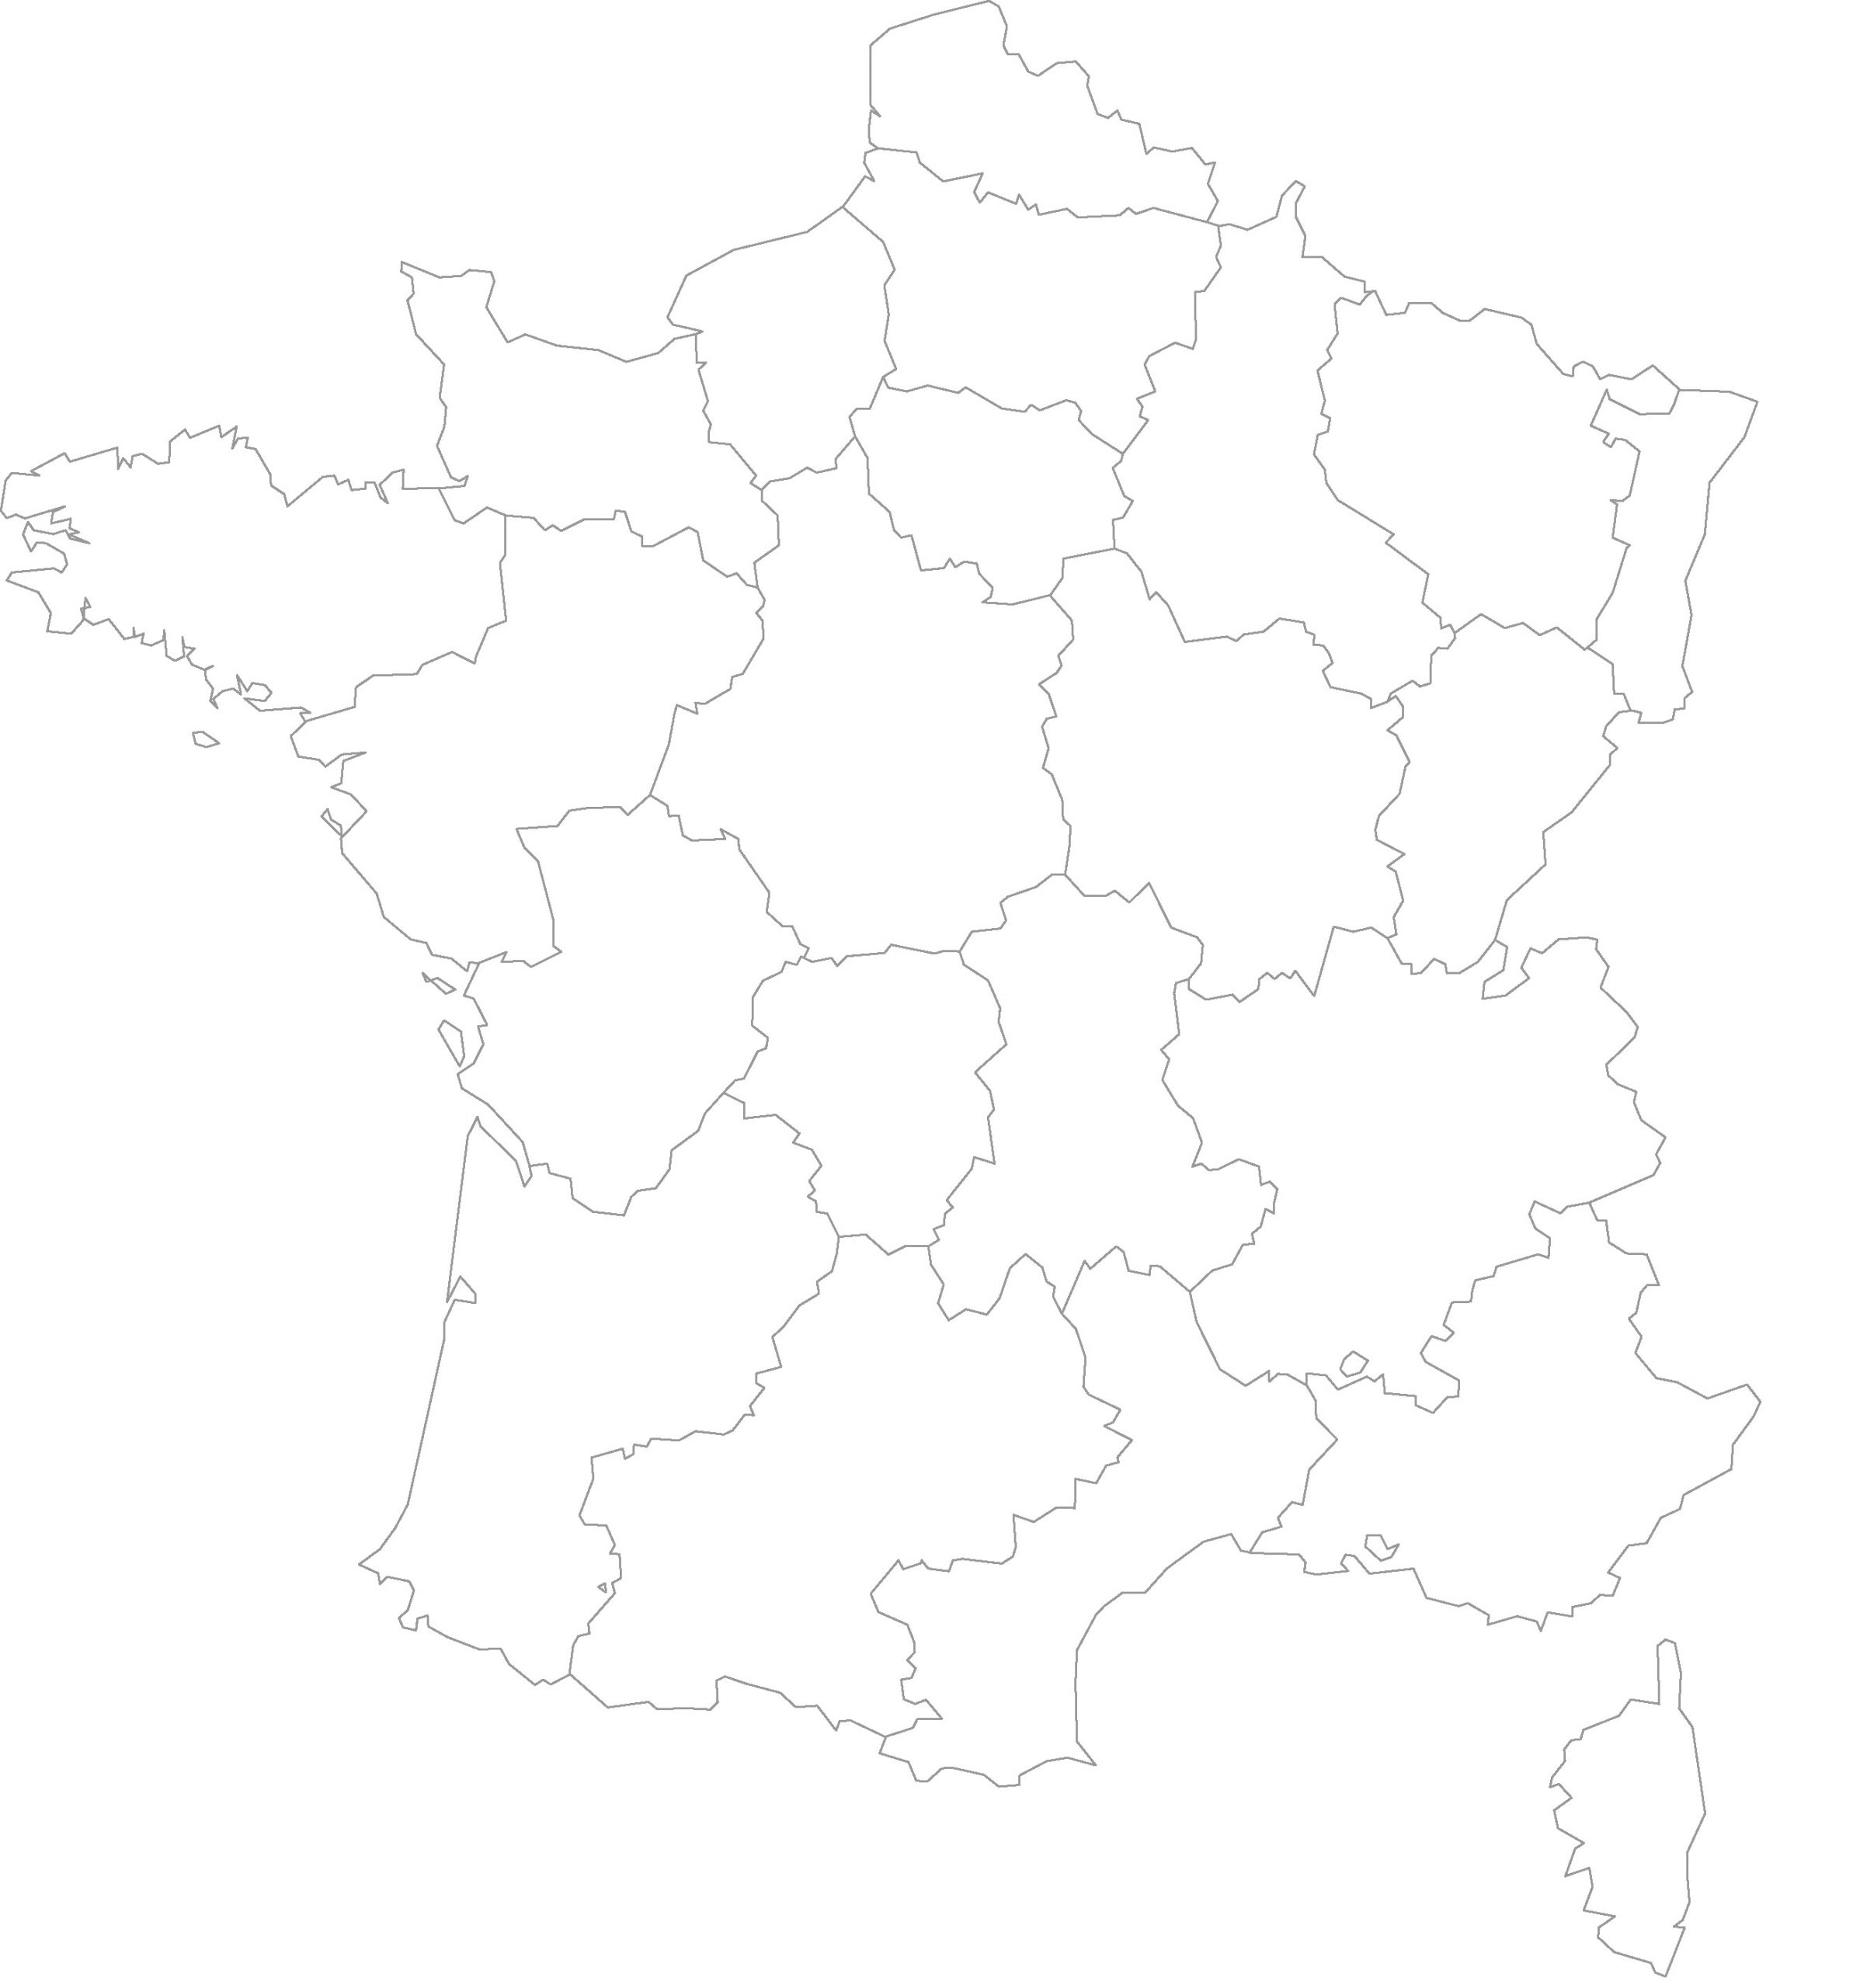 Cartes Muettes De La France À Imprimer - Chroniques à Carte Vierge De La France